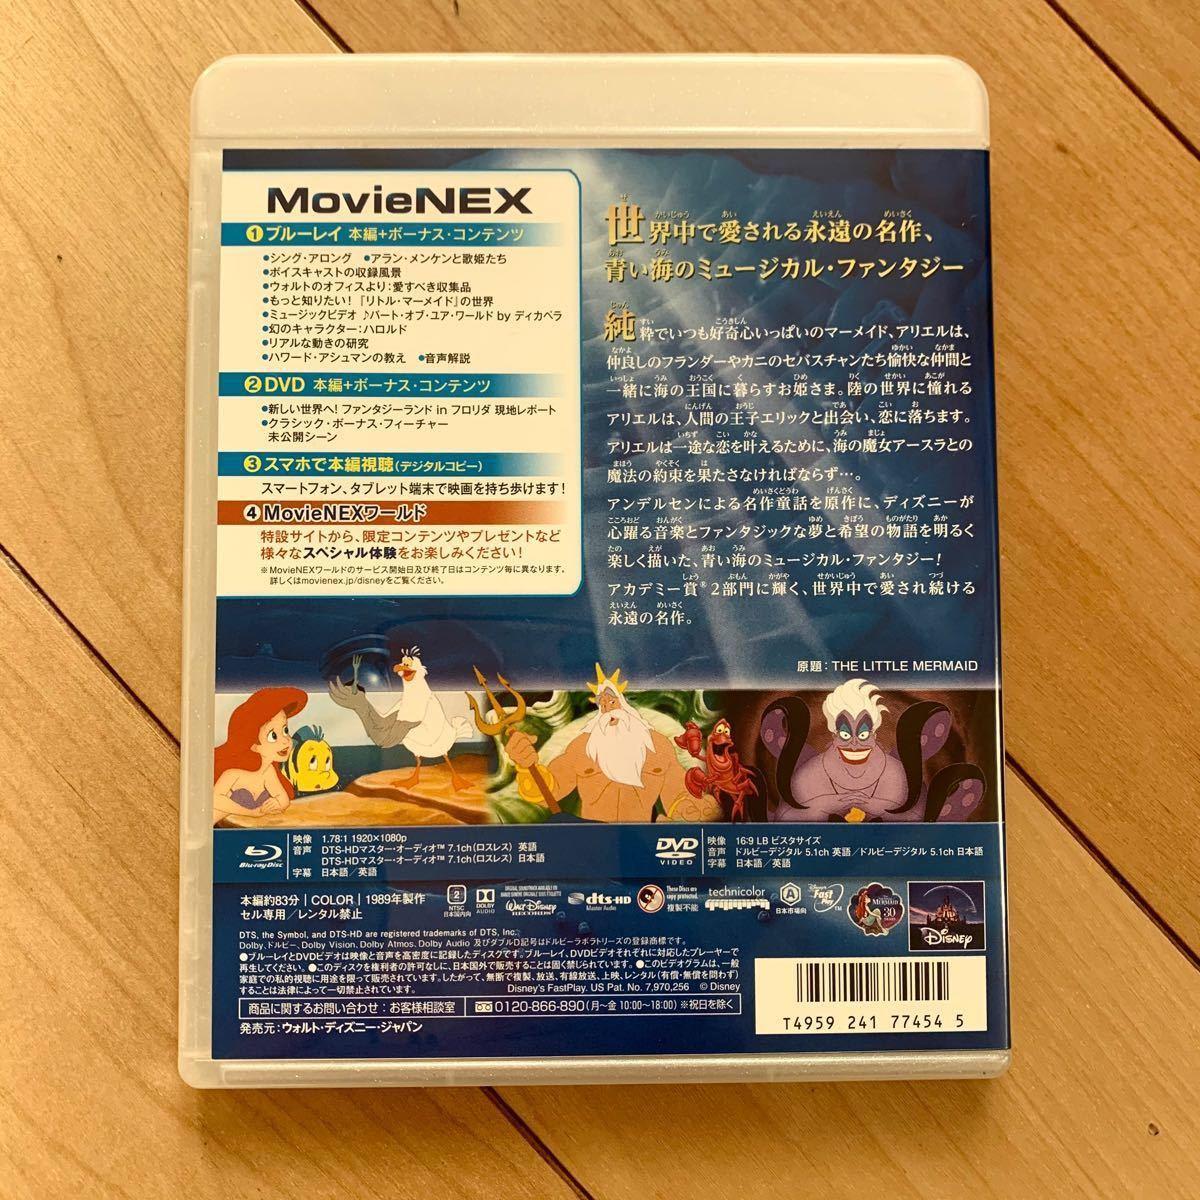 【未使用ブルーレイ2本セット】リトル・マーメイド & モアナと伝説の海 ブルーレイ+ 純正ケース 新品未再生 MovieNEX